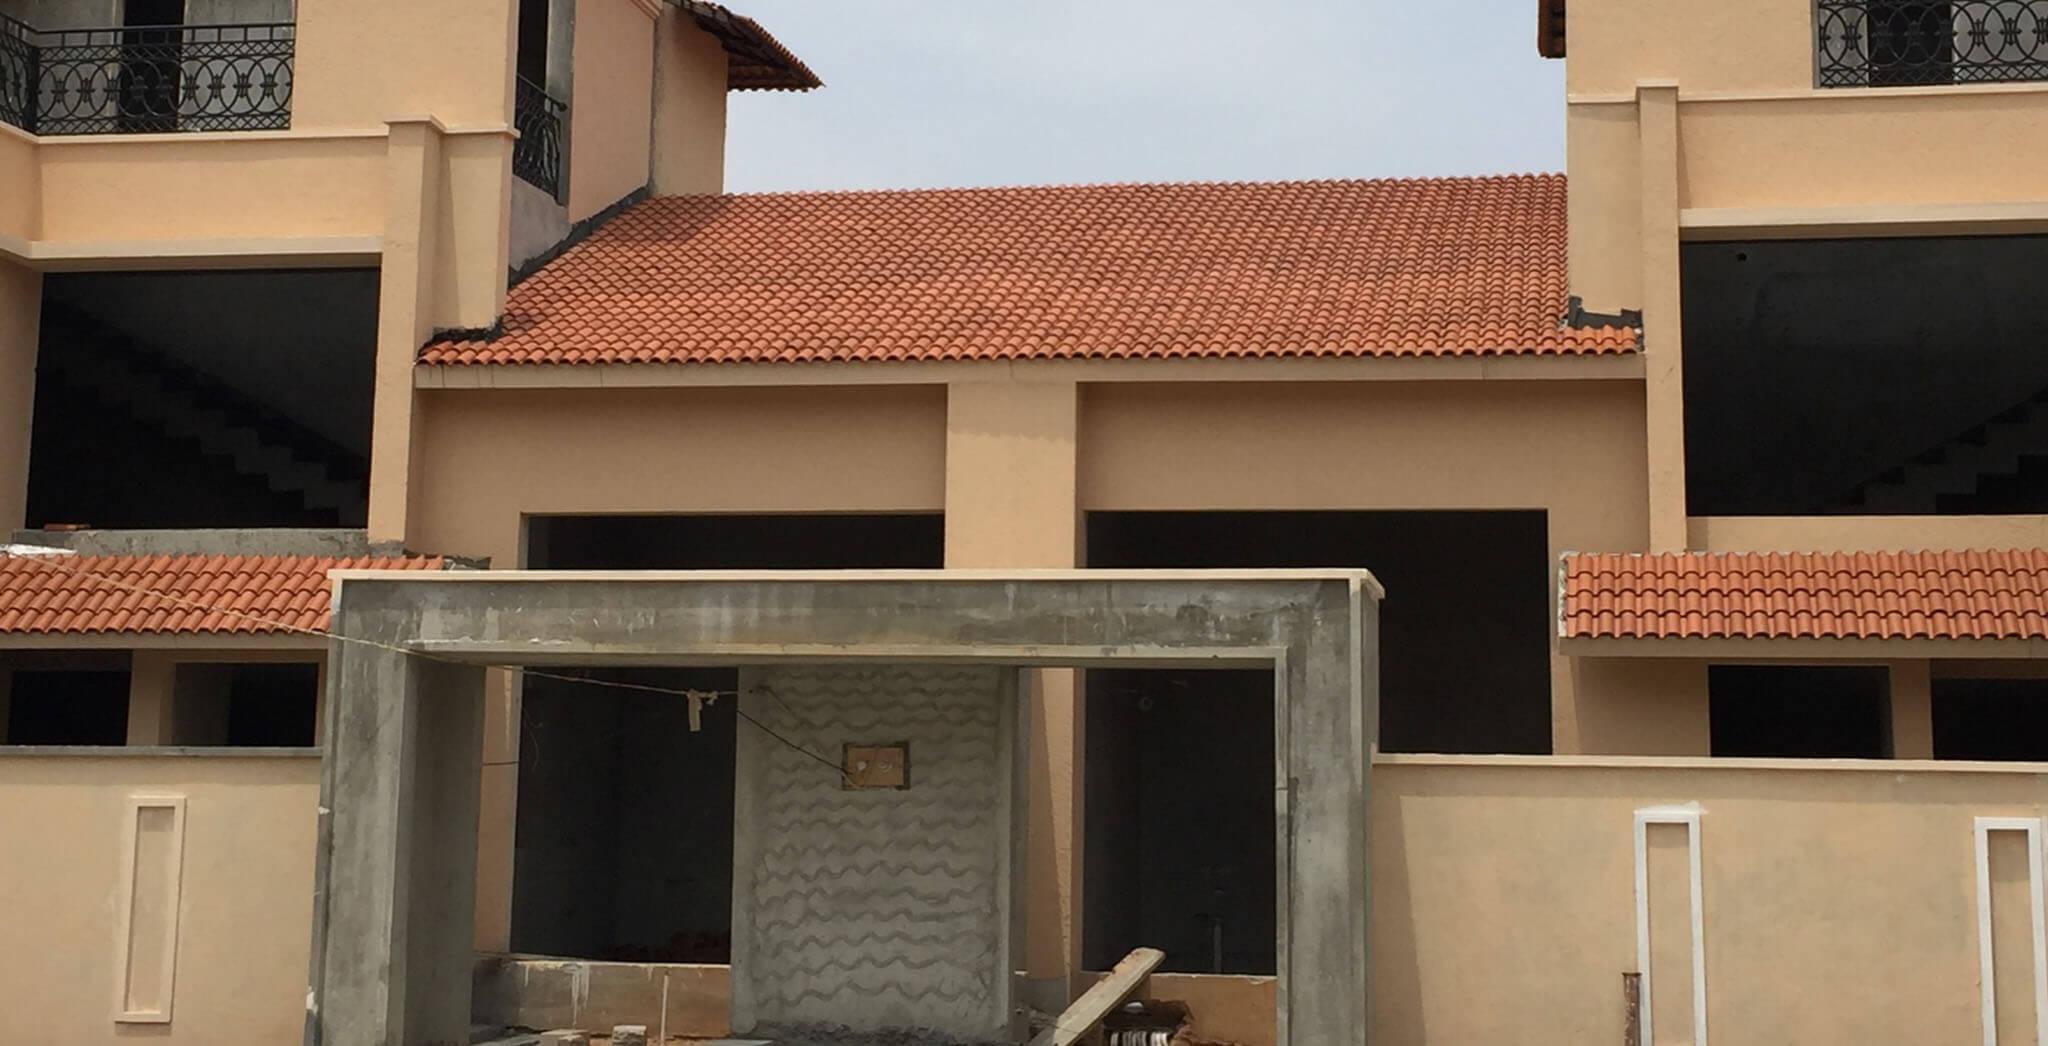 Apr 2019 - Villas: Roof tiling work-in-progress